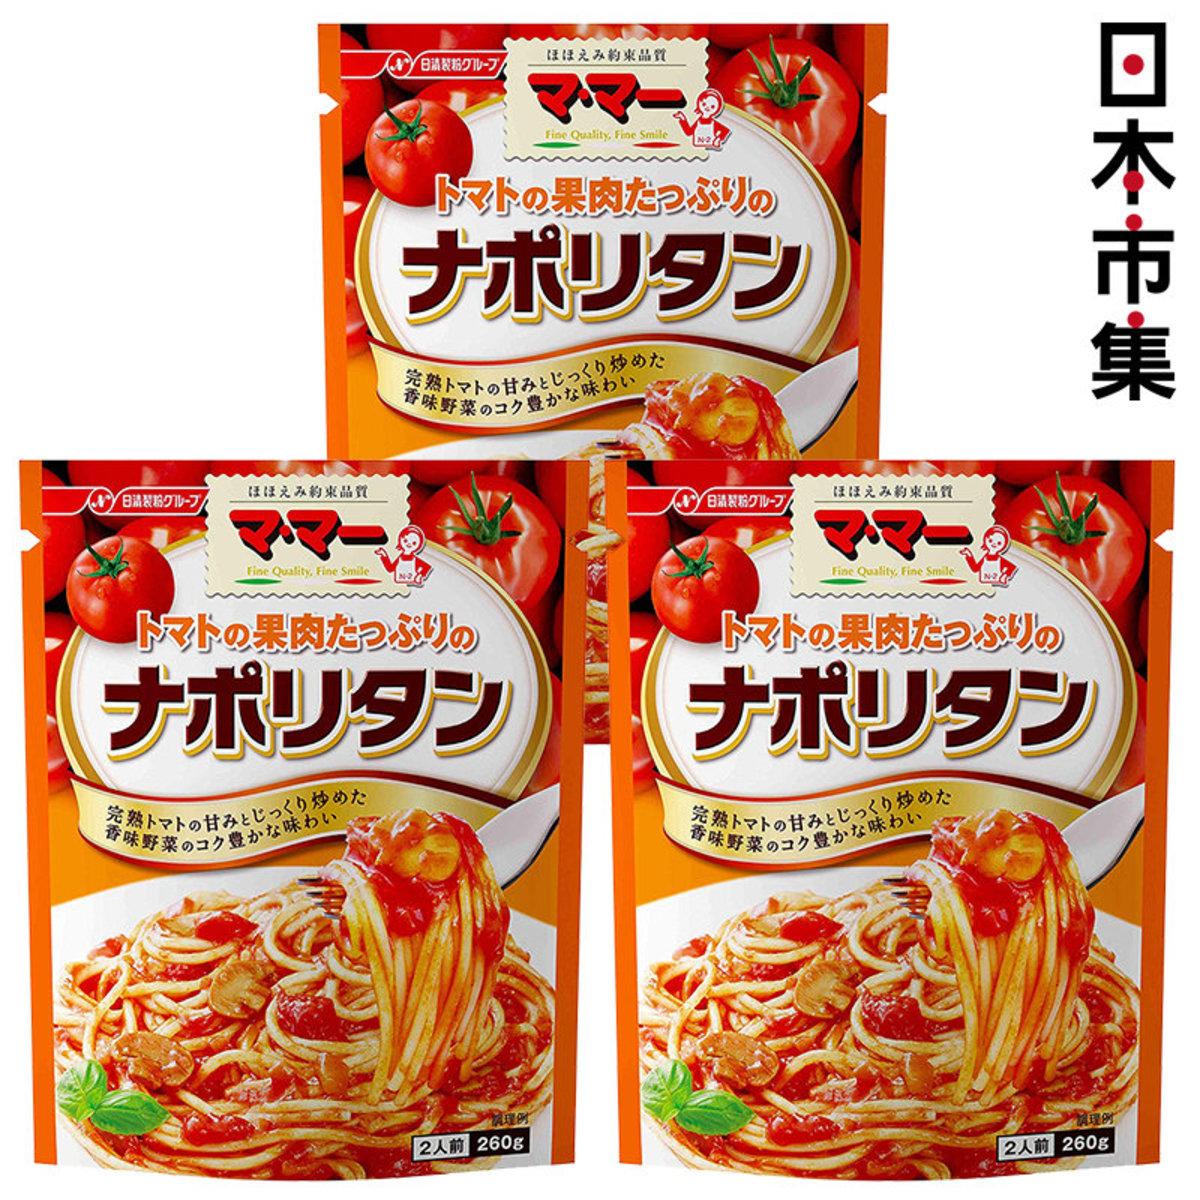 日版日清拿破崙蕃茄意粉醬 2人前 (3件裝)【市集世界 - MOAN】